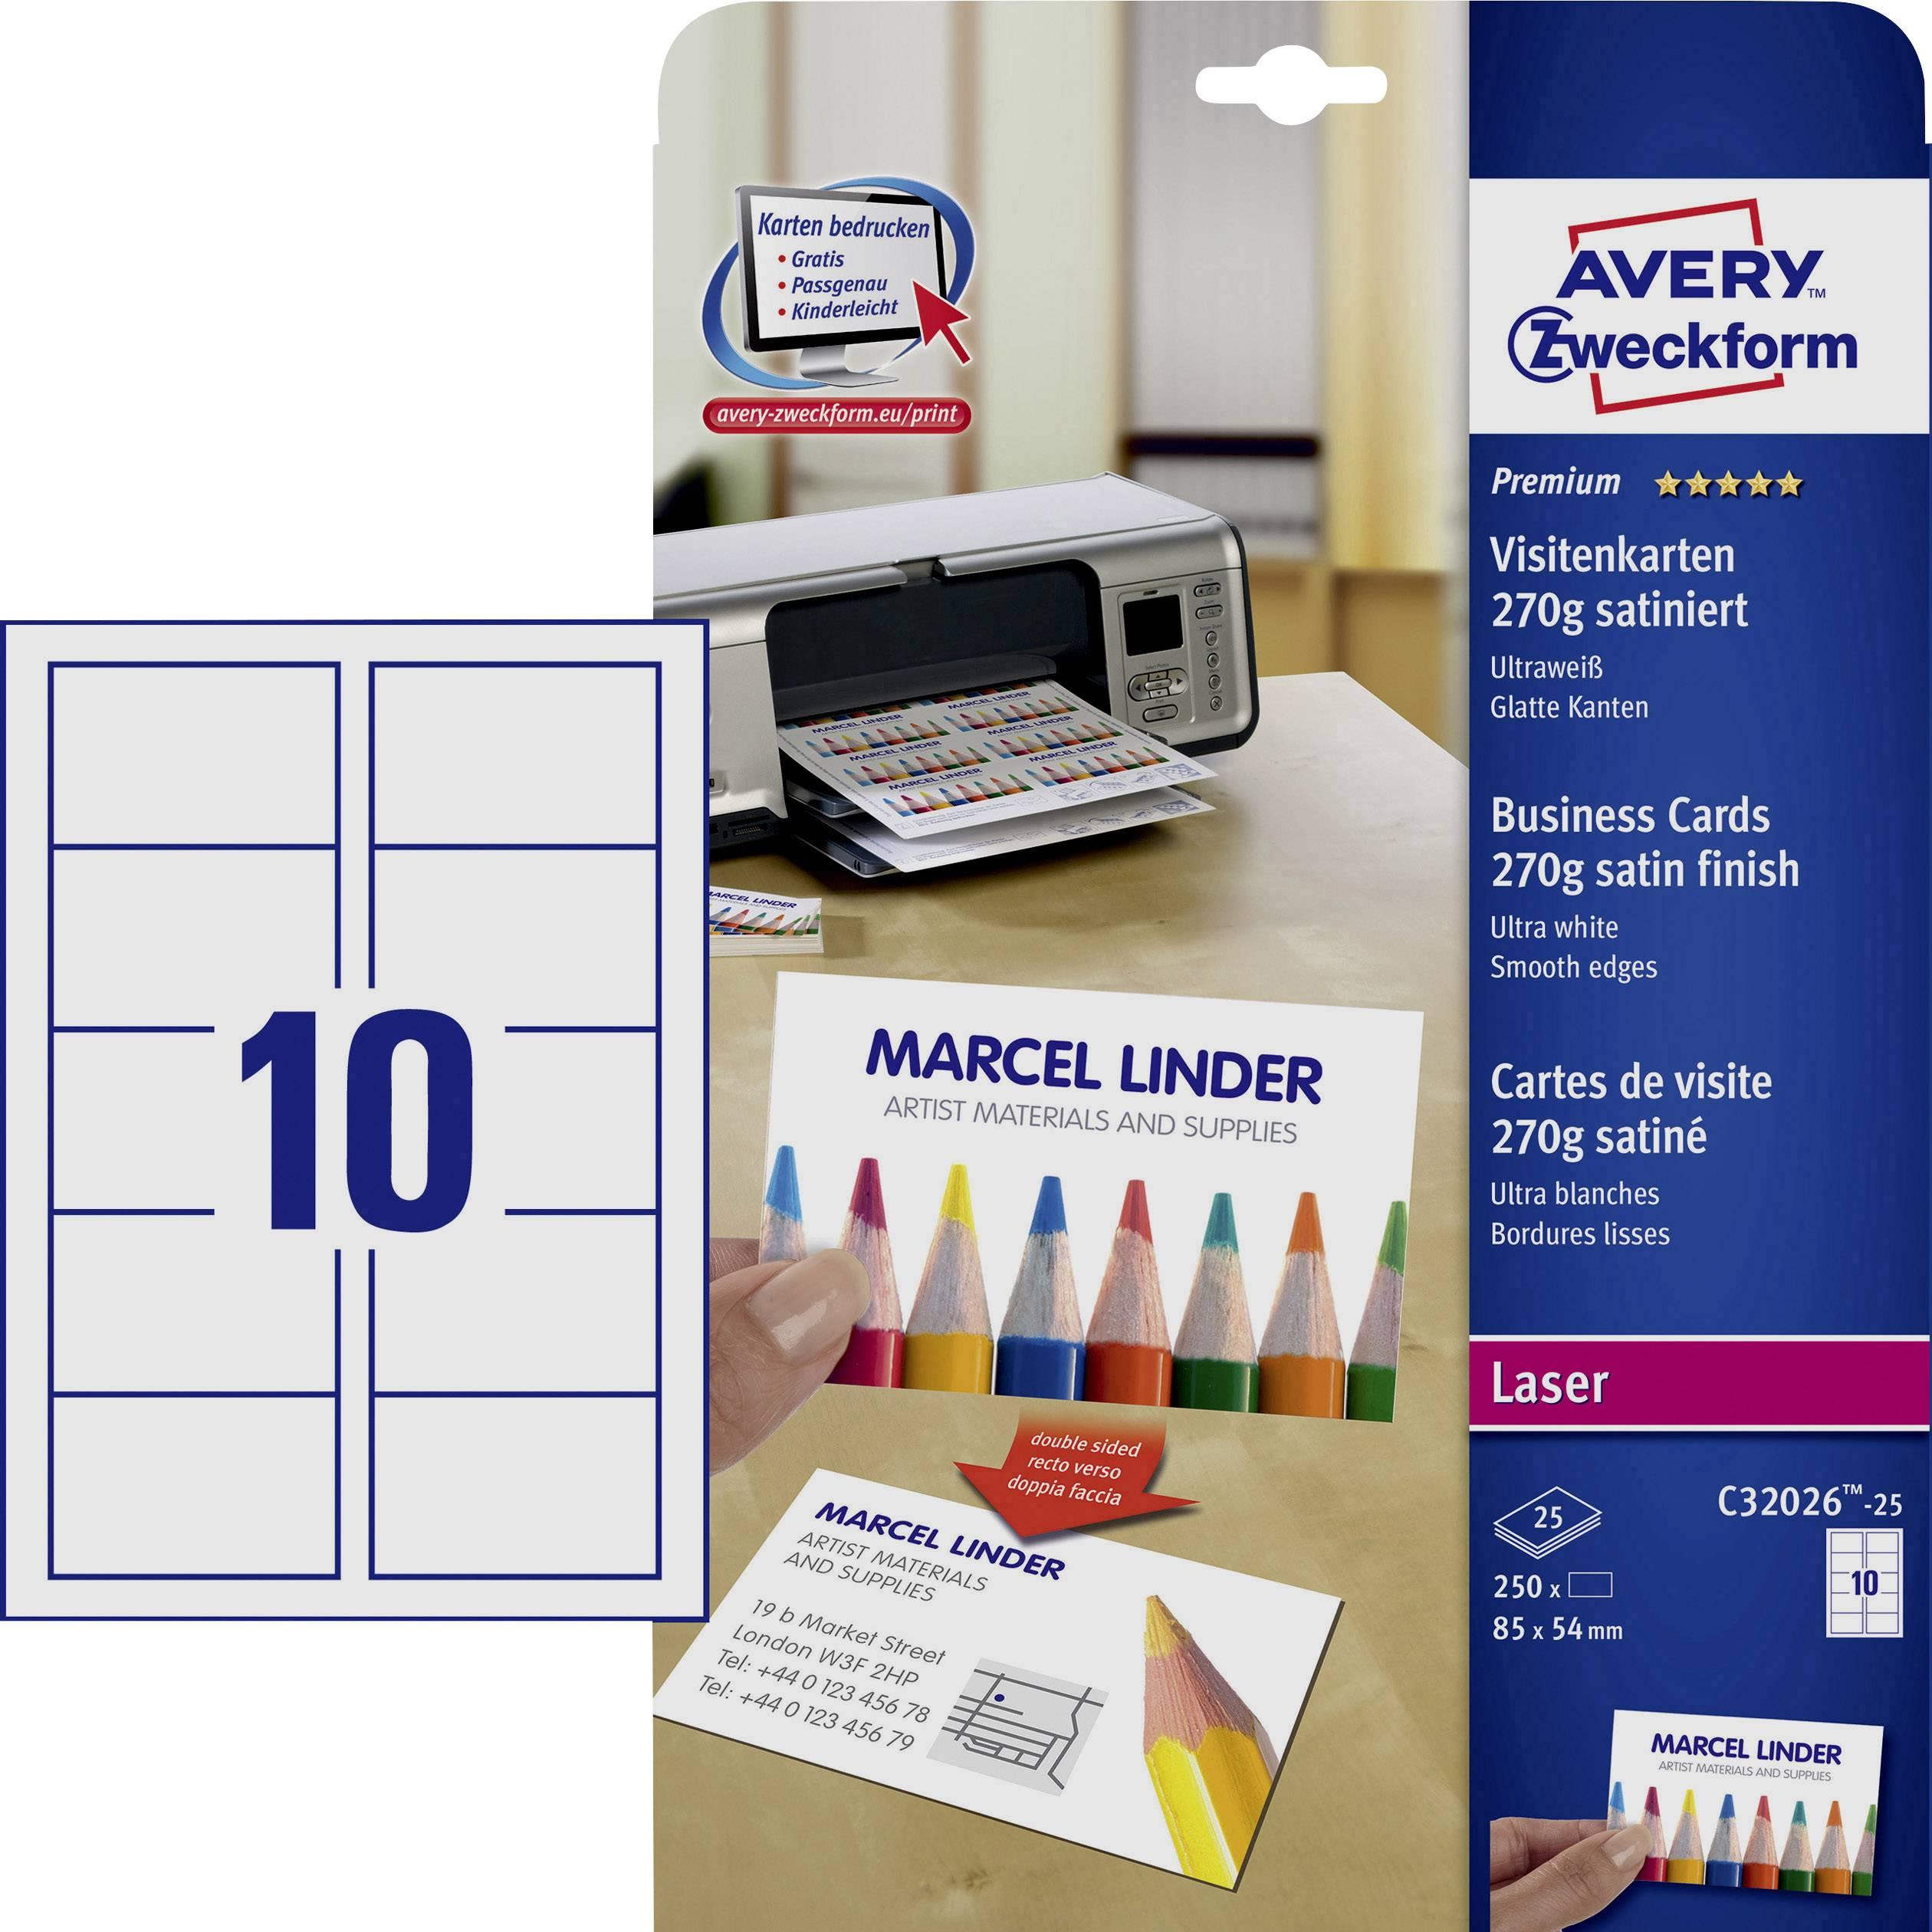 Avery Zweckform C32026 25 Bedruckbare Visitenkarten Glatte Kanten 85 X 54 Mm Ultra Weiß 250 St Papierformat Din A4